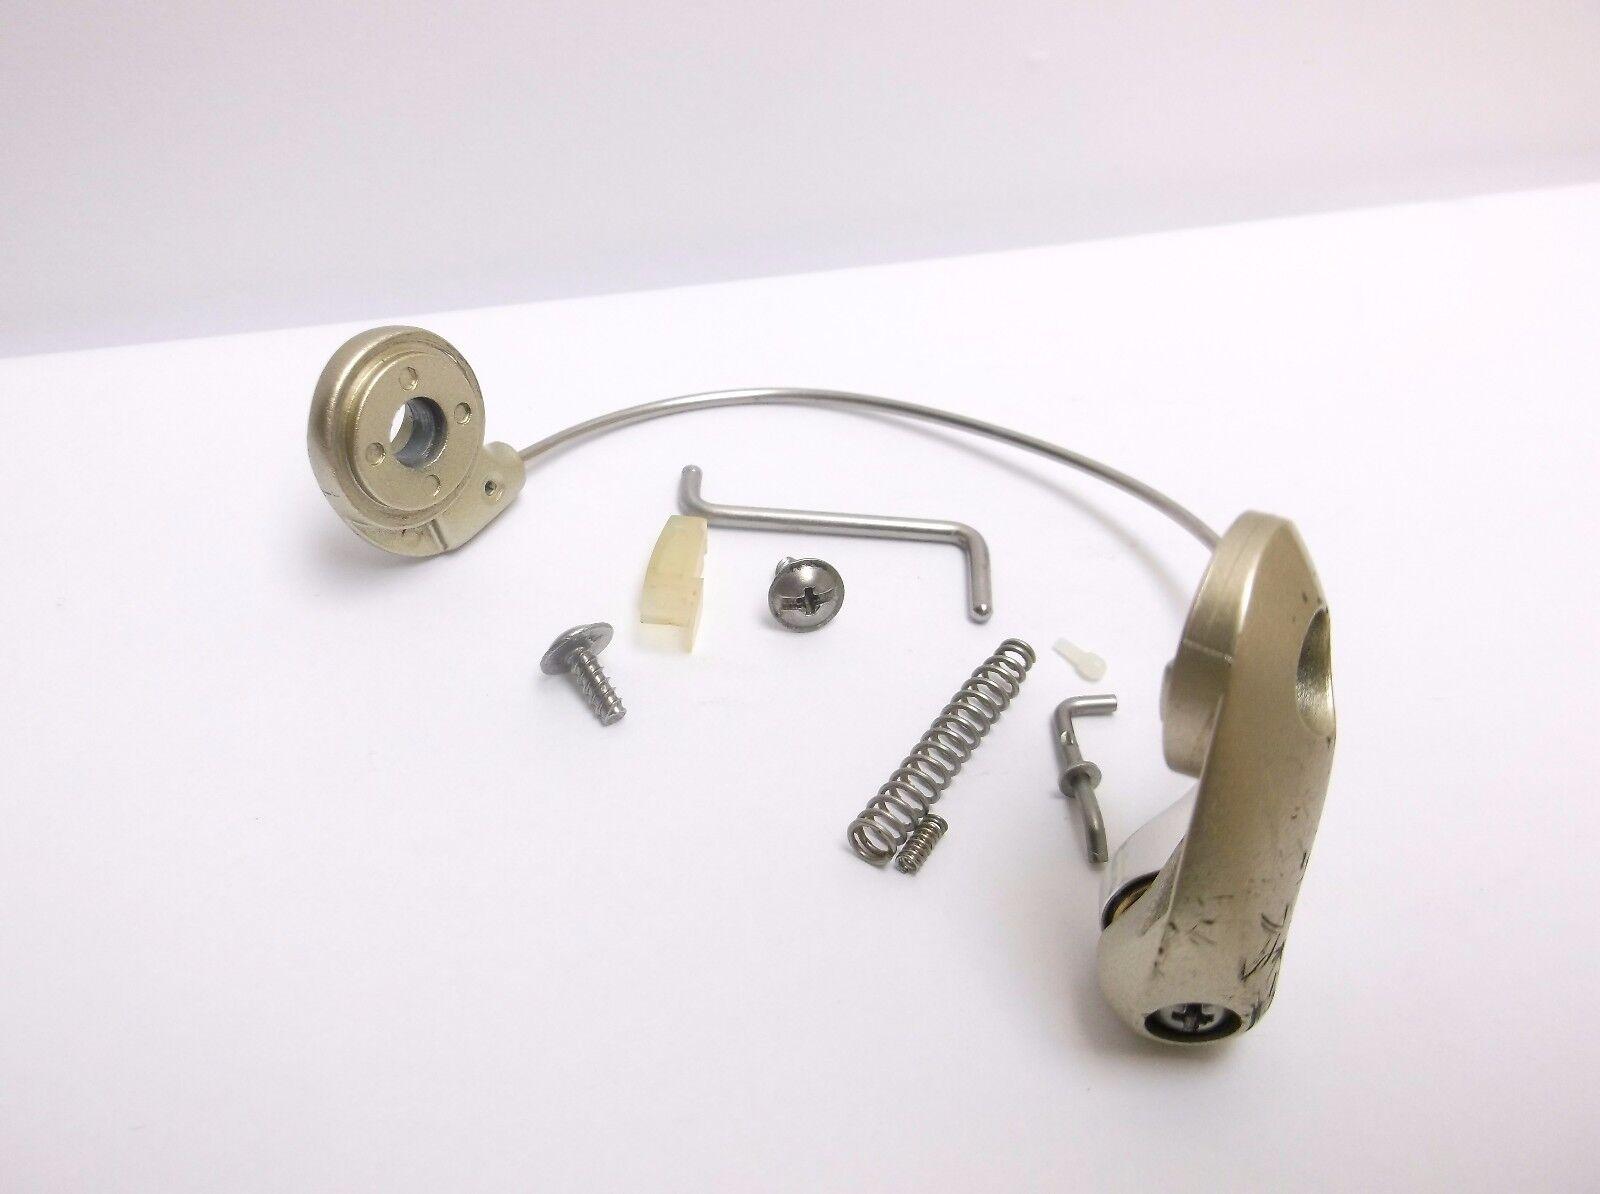 Parte utilizada Shimano Hilado Cocheretes-Sustain 2500FD-conjunto  de fianza  tienda hace compras y ventas